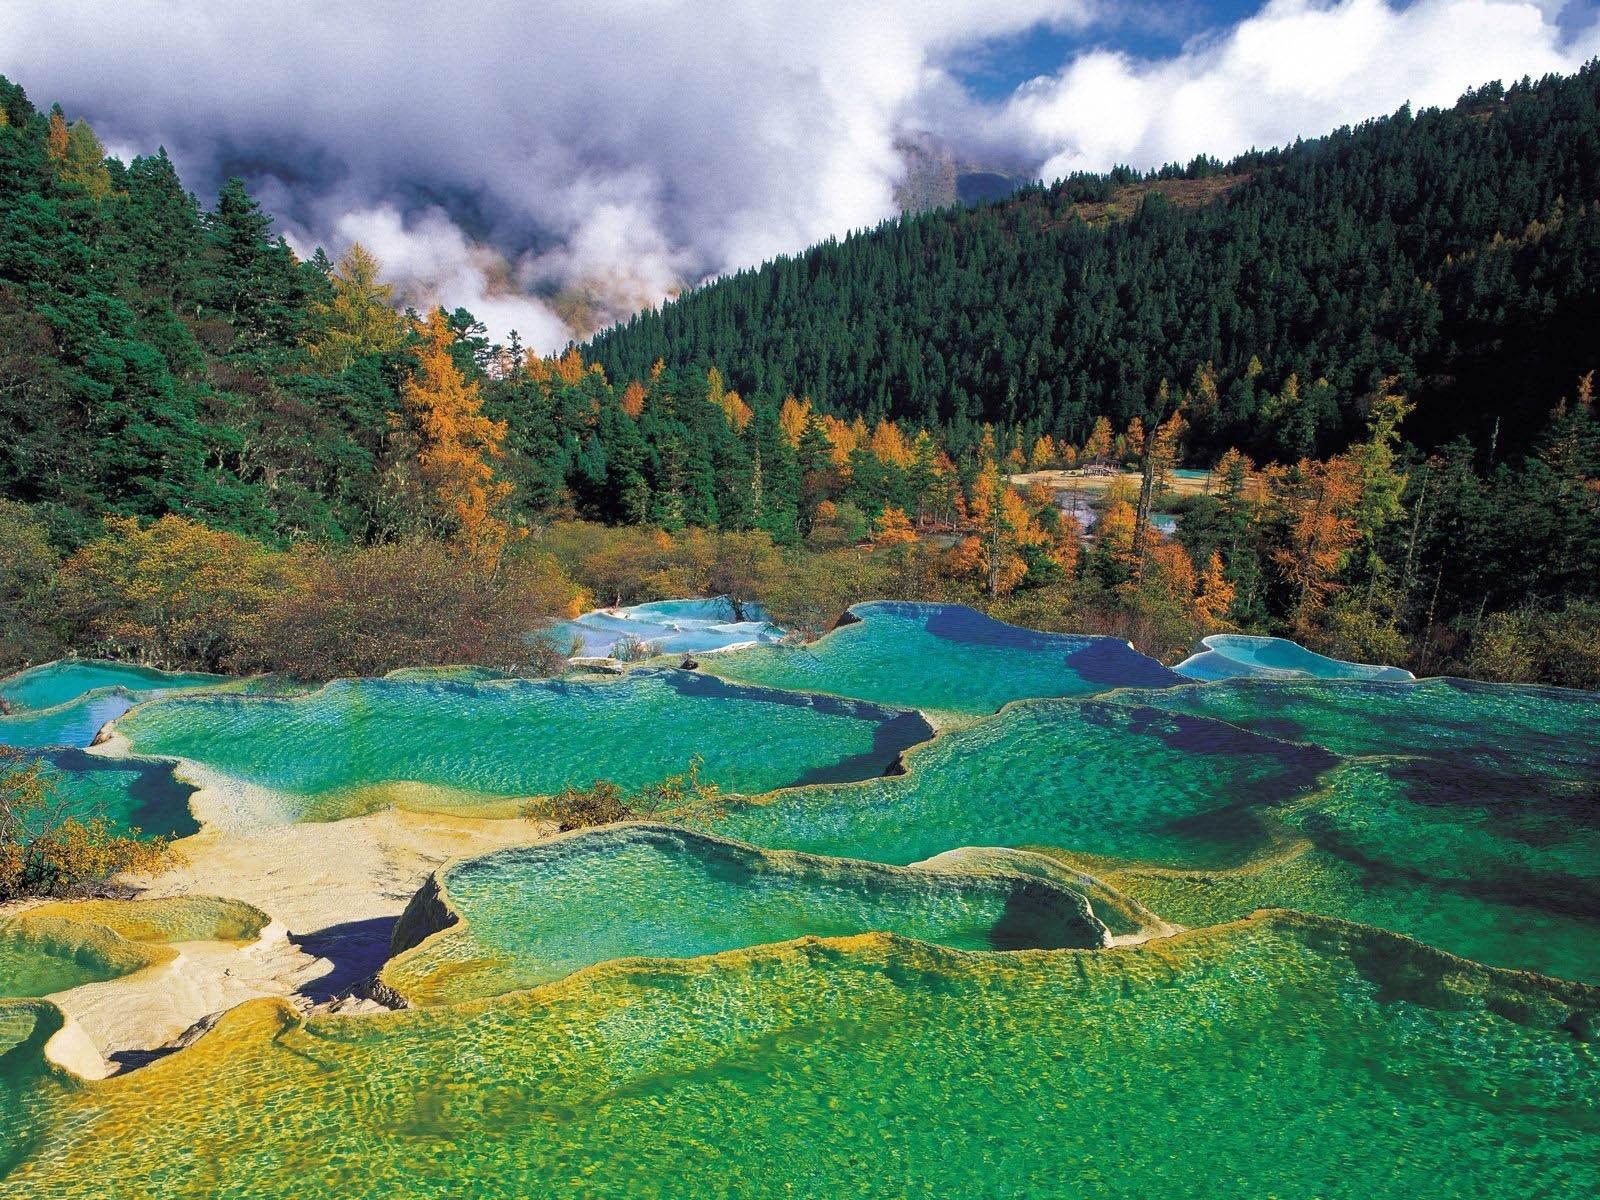 8127 скачать обои Пейзаж, Природа, Вода, Деревья, Елки - заставки и картинки бесплатно